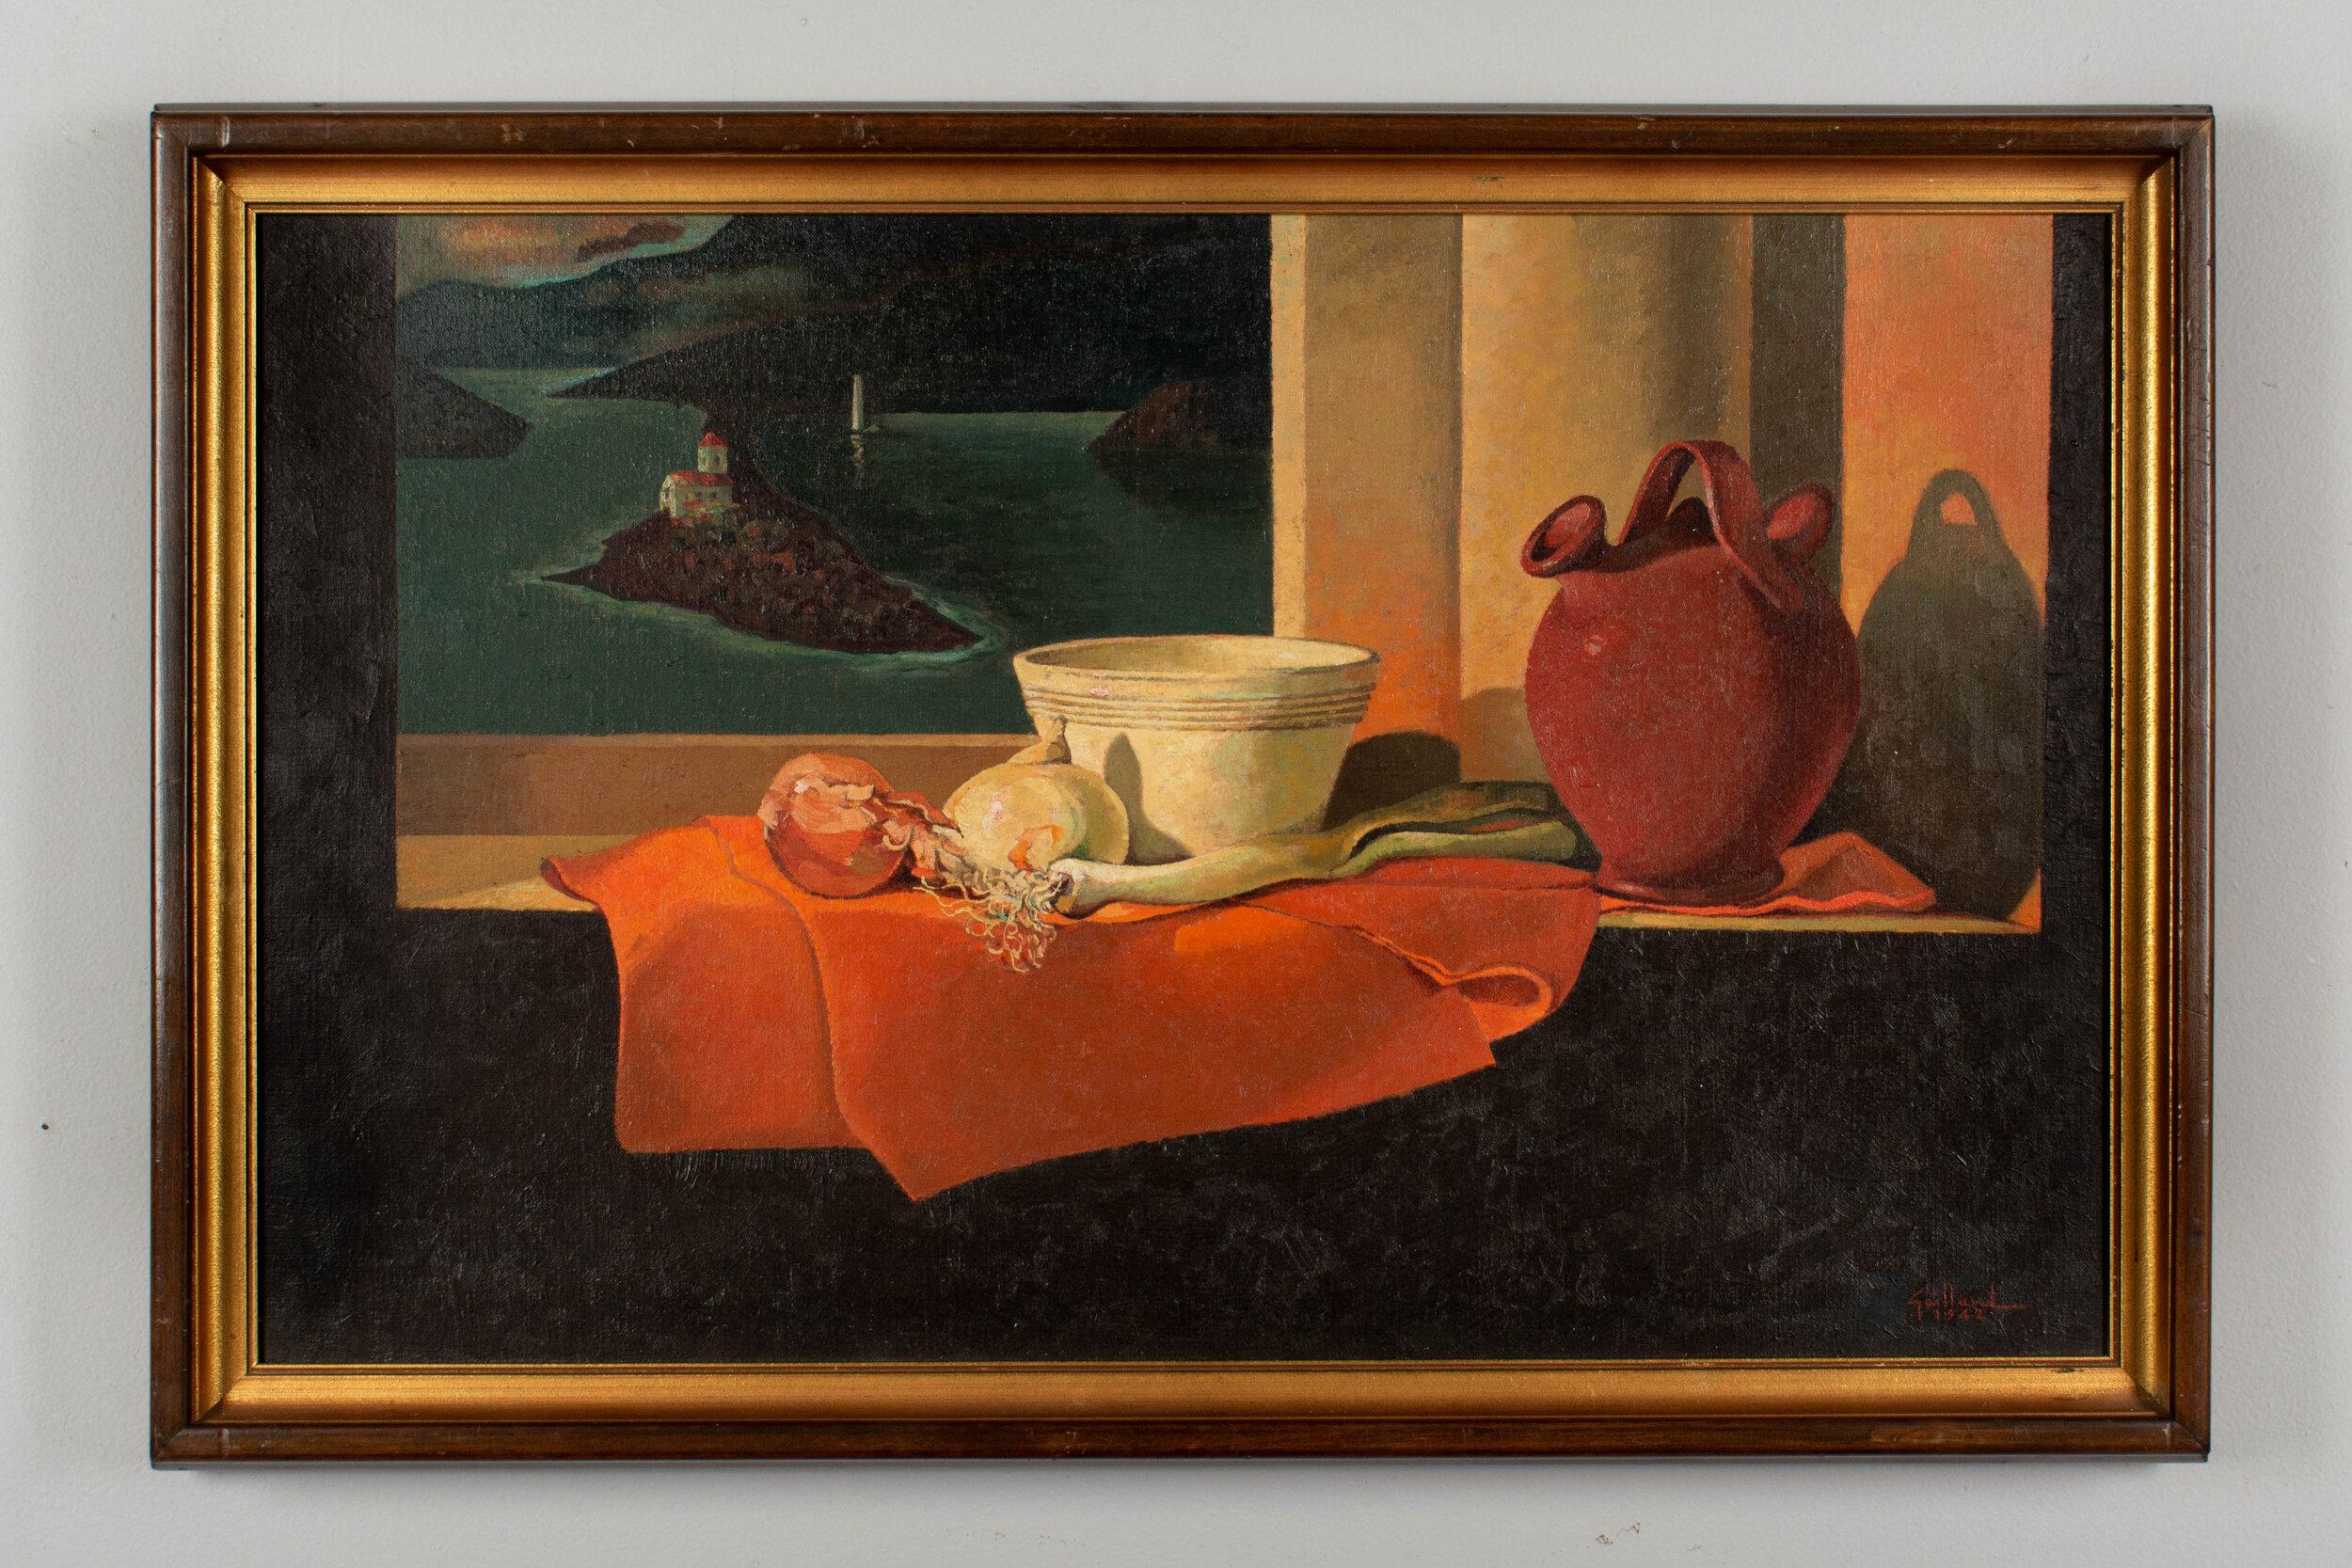 Olivier Fleury Antiques Fine Art Antiques for Sale   Fine Art for Sale  Online